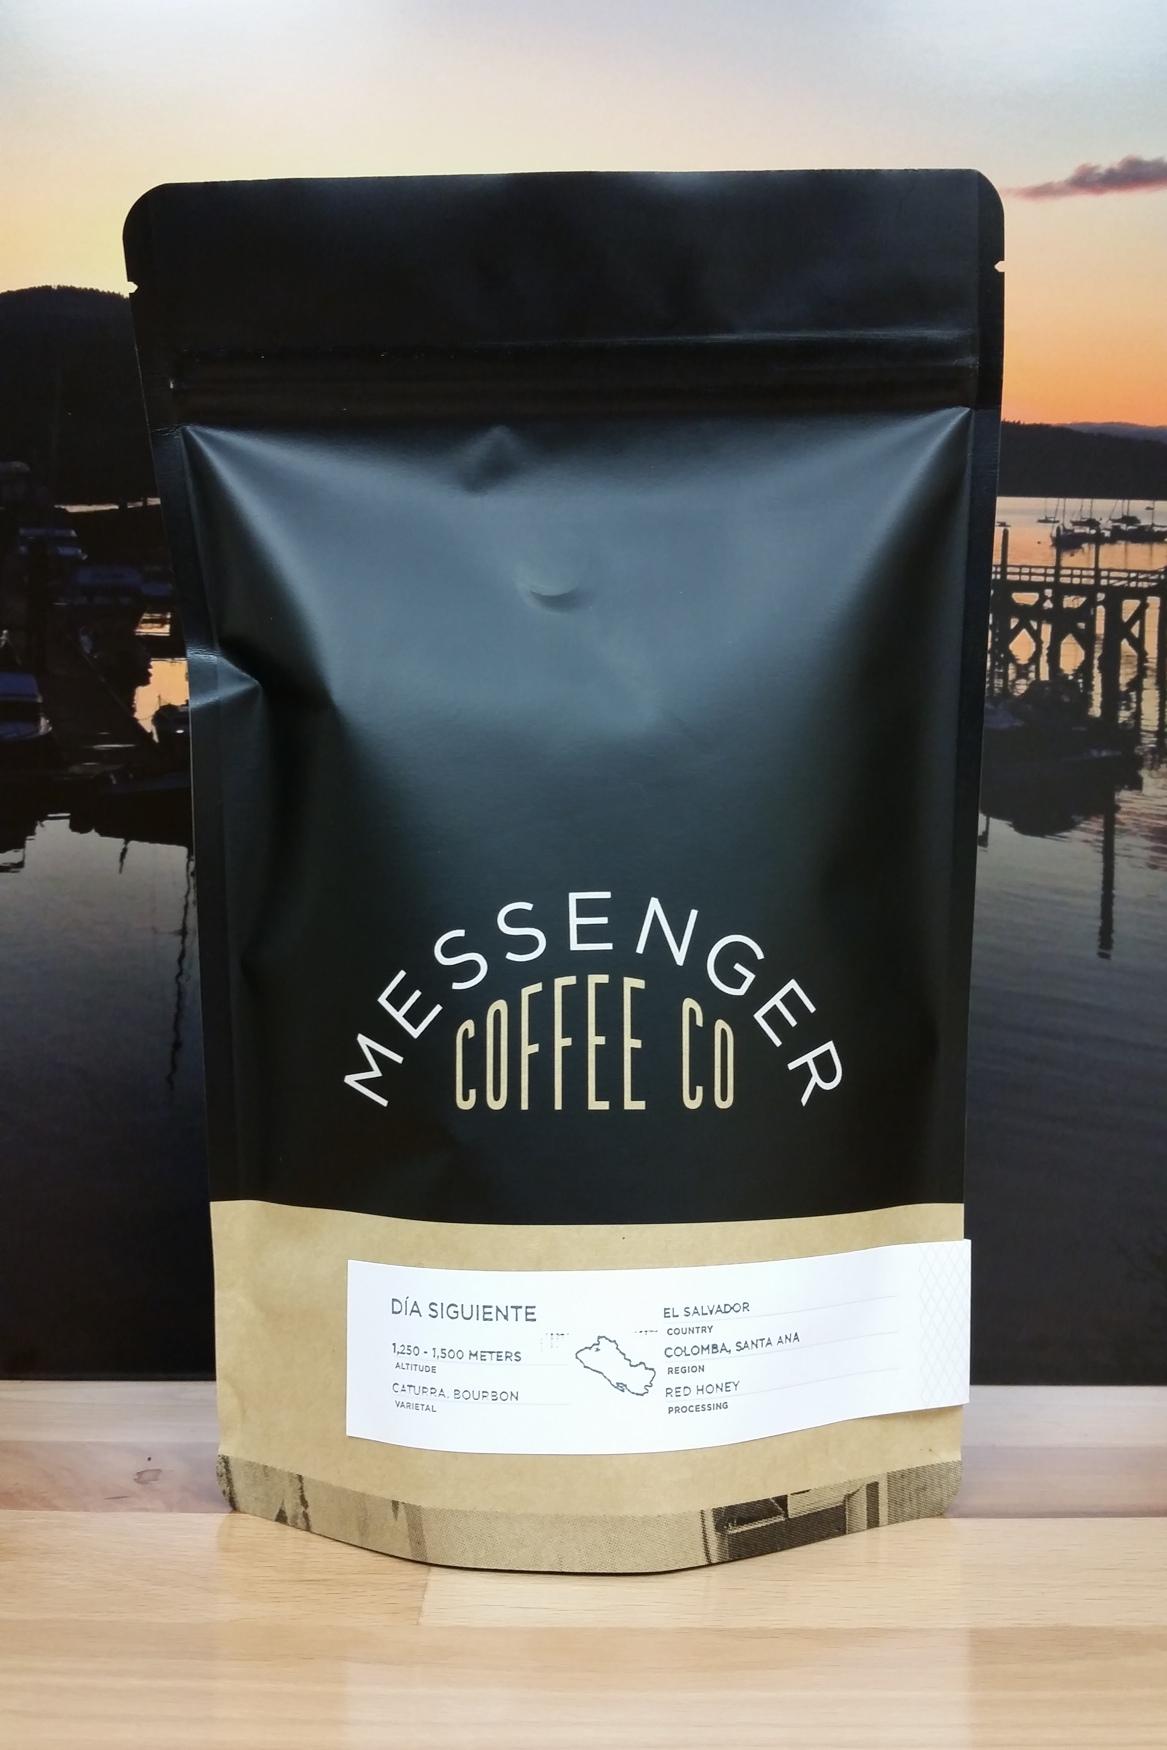 El Salvador Dia Siguiente from Messenger Coffee